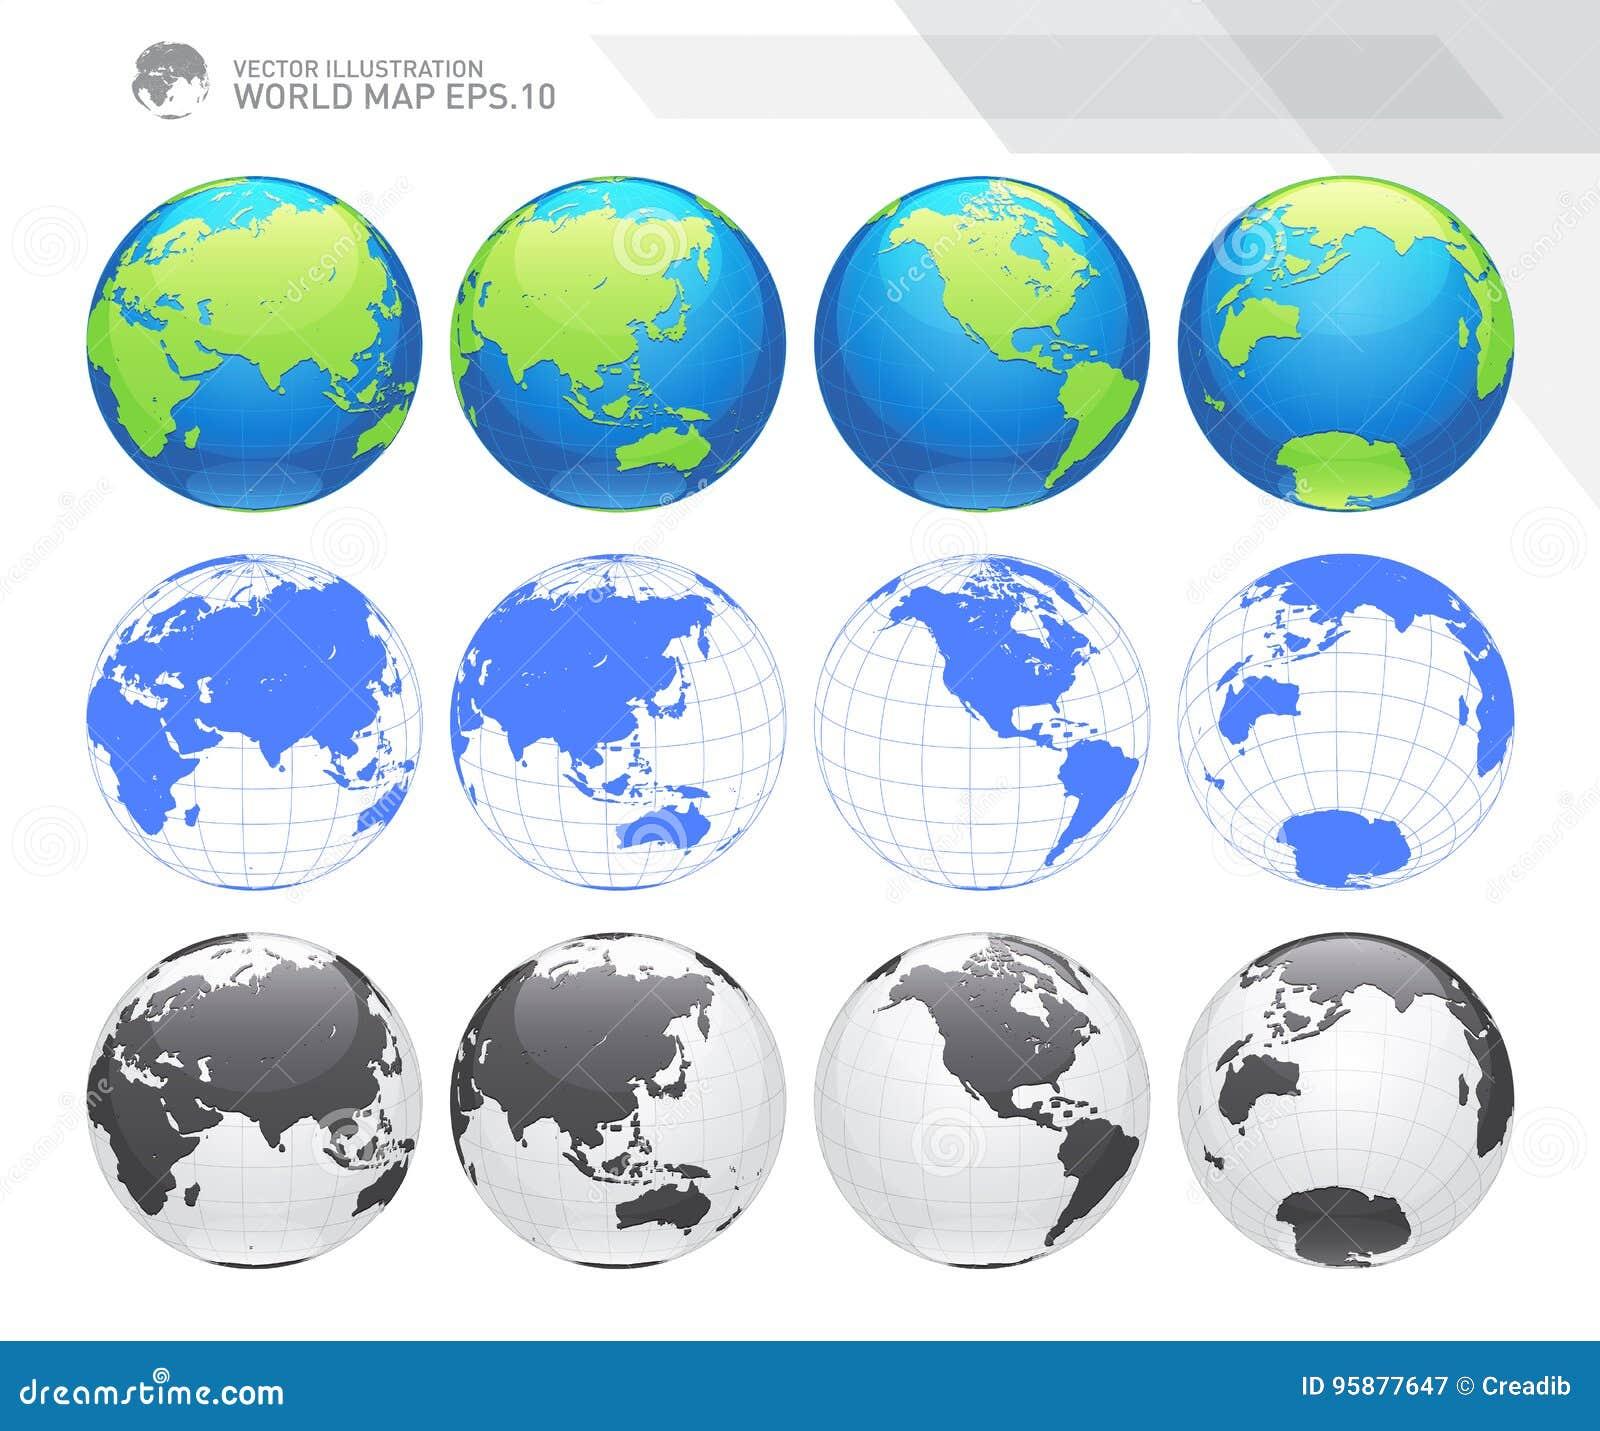 Σφαίρες που παρουσιάζουν γη με όλες τις ηπείρους Ψηφιακό διάνυσμα παγκόσμιων σφαιρών Διαστιγμένο διάνυσμα παγκόσμιων χαρτών